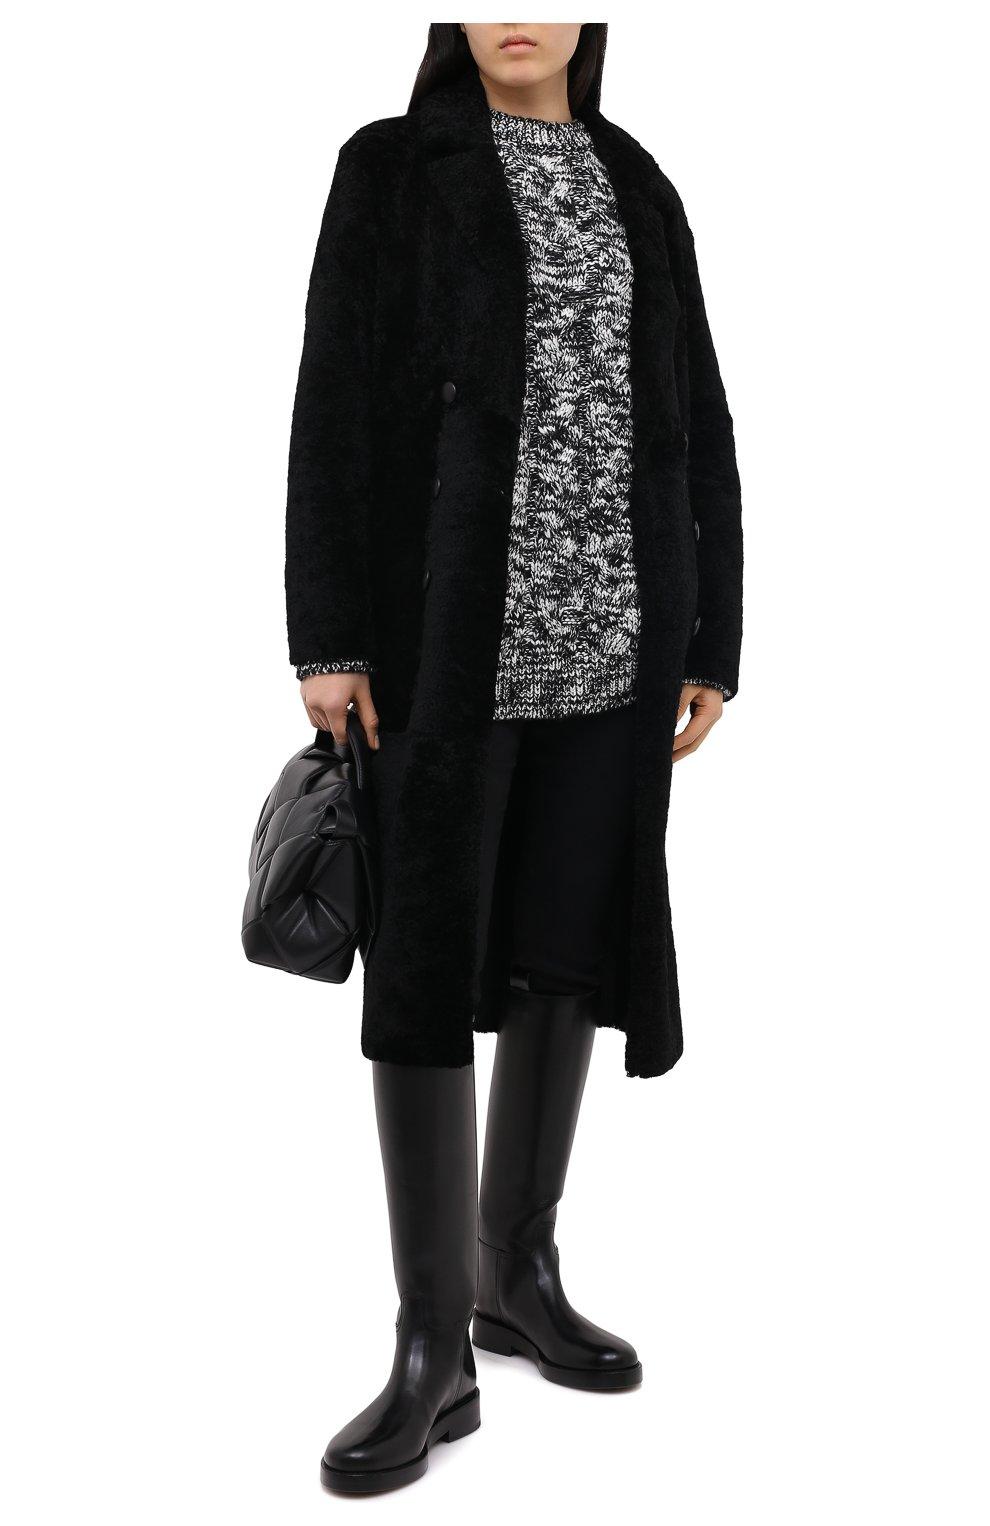 Женская шуба из овчины ANNE VEST черного цвета, арт. AW20/01/202/01/CL0E   Фото 2 (Женское Кросс-КТ: Мех; Рукава: Длинные; Материал внешний: Натуральный мех; Длина (верхняя одежда): Длинные; Стили: Кэжуэл)